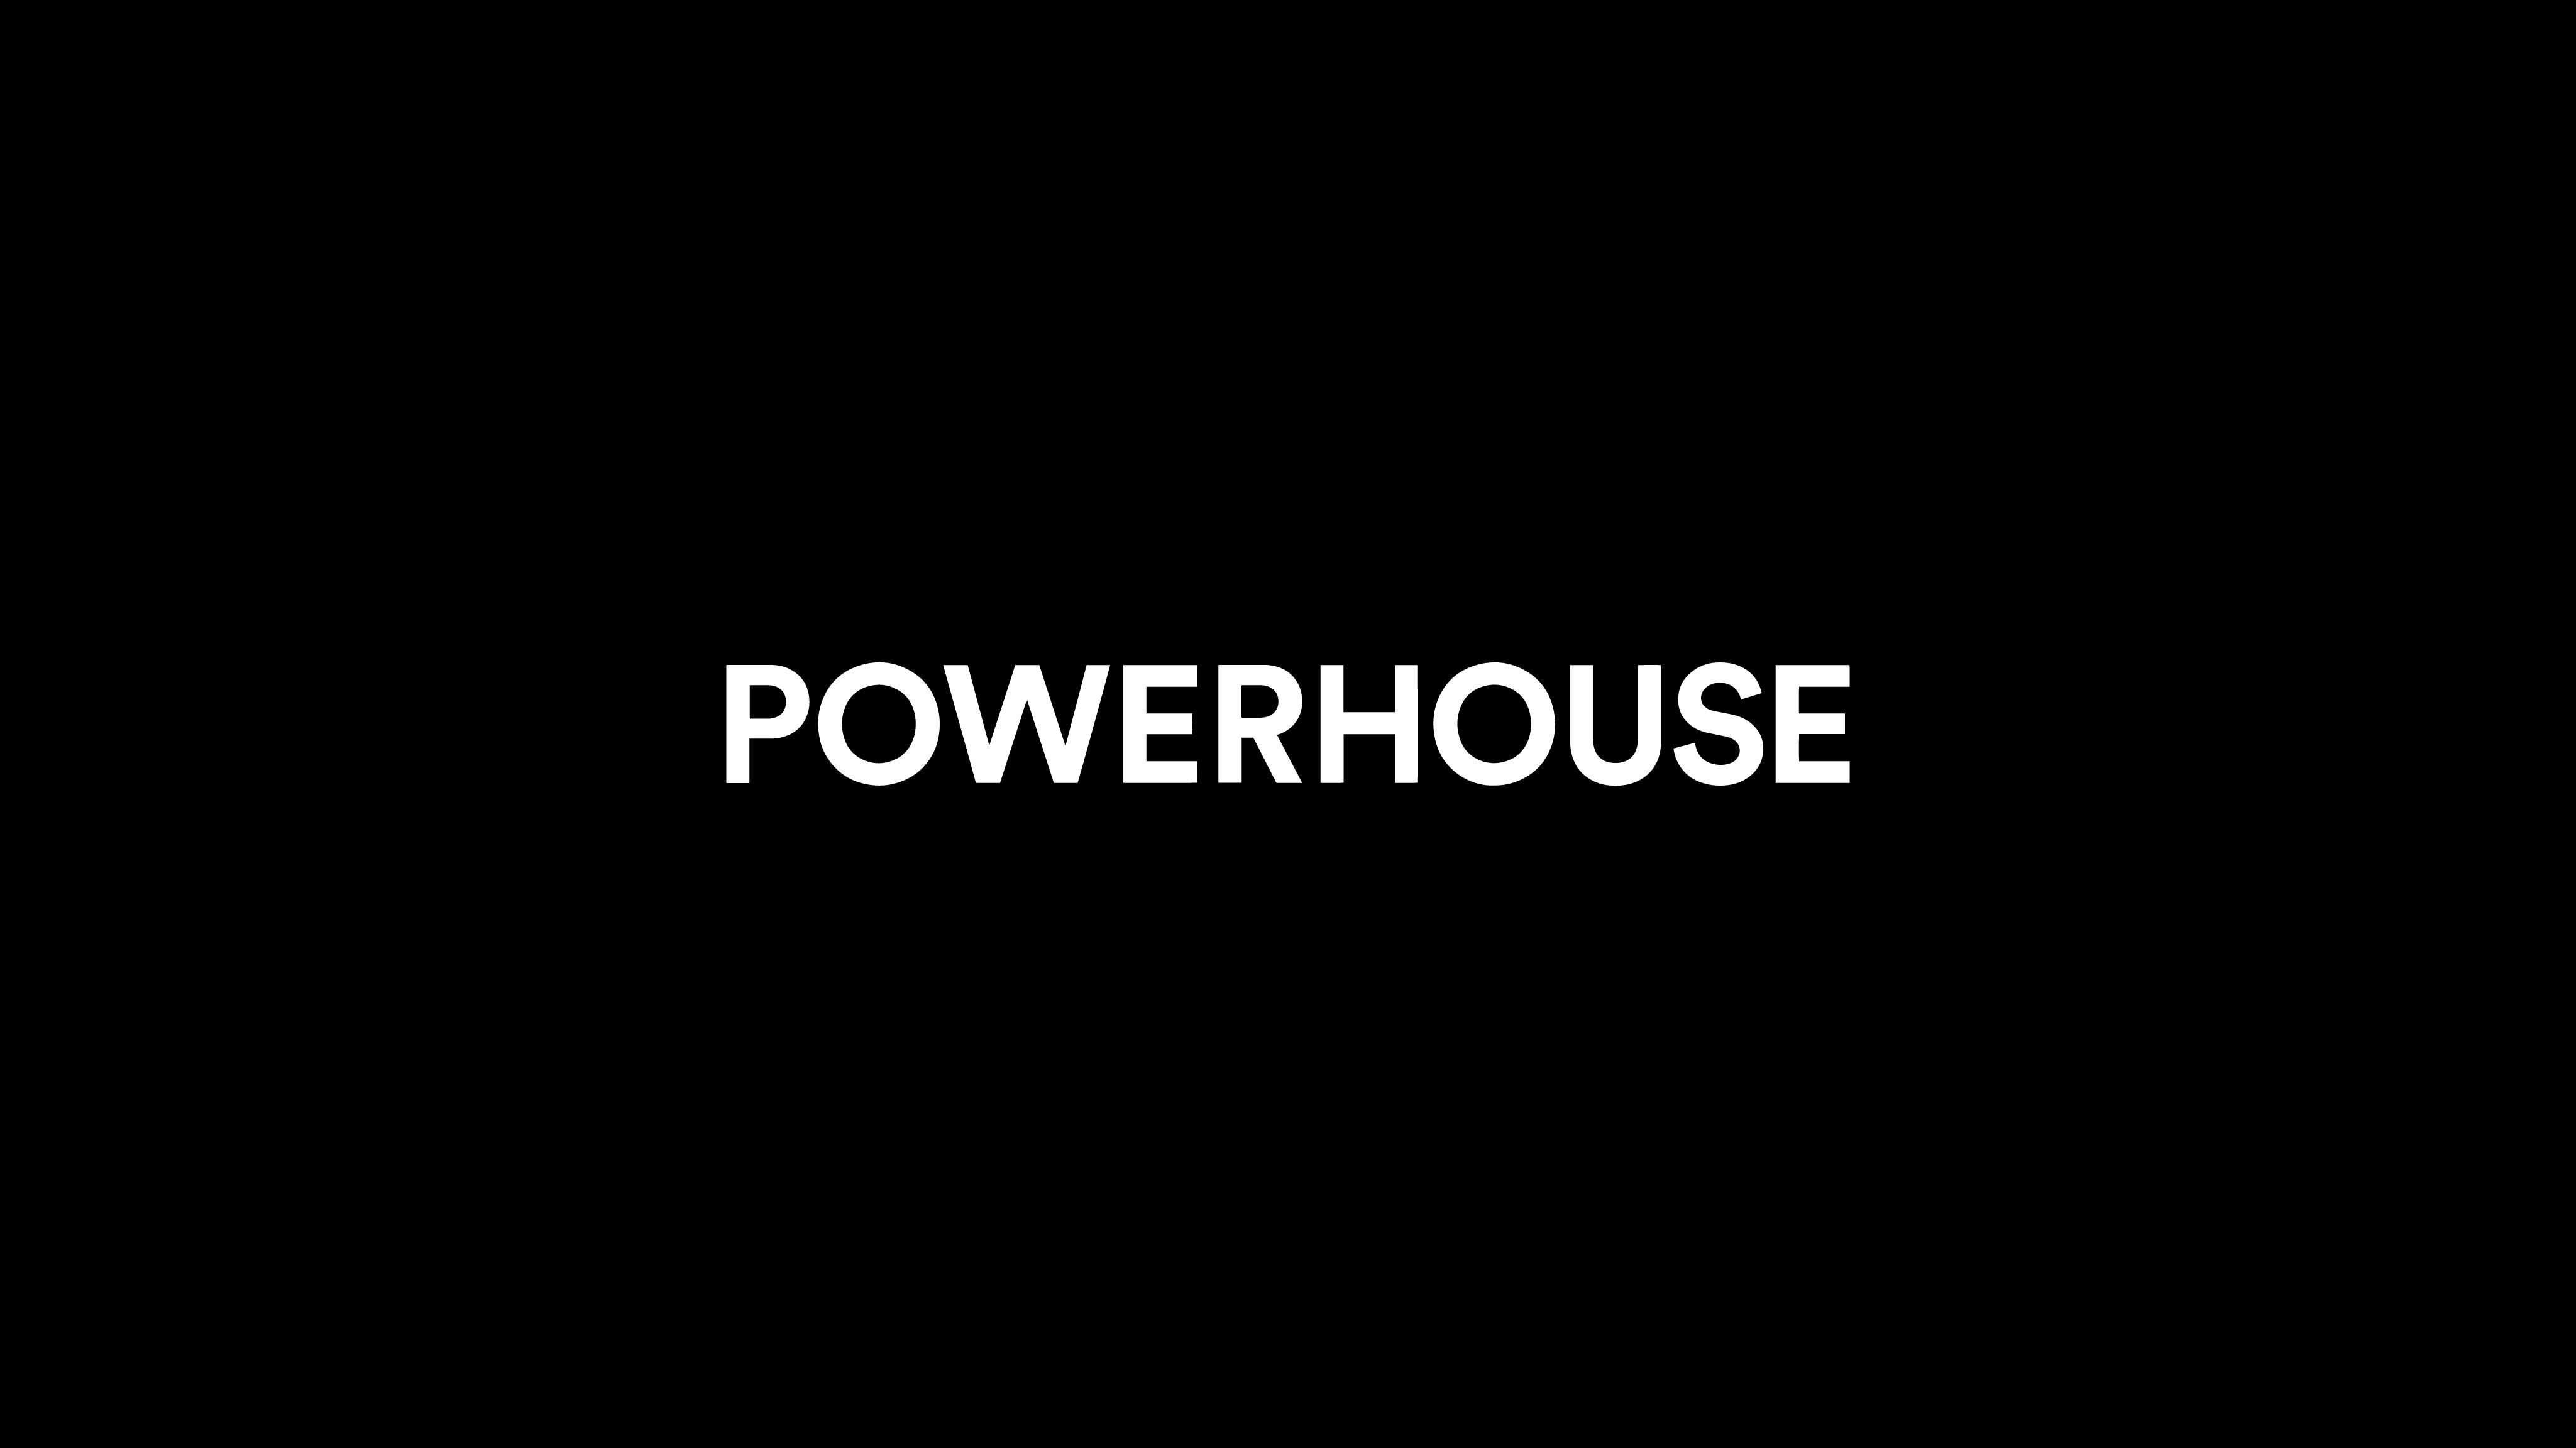 Powerhouse Design Award